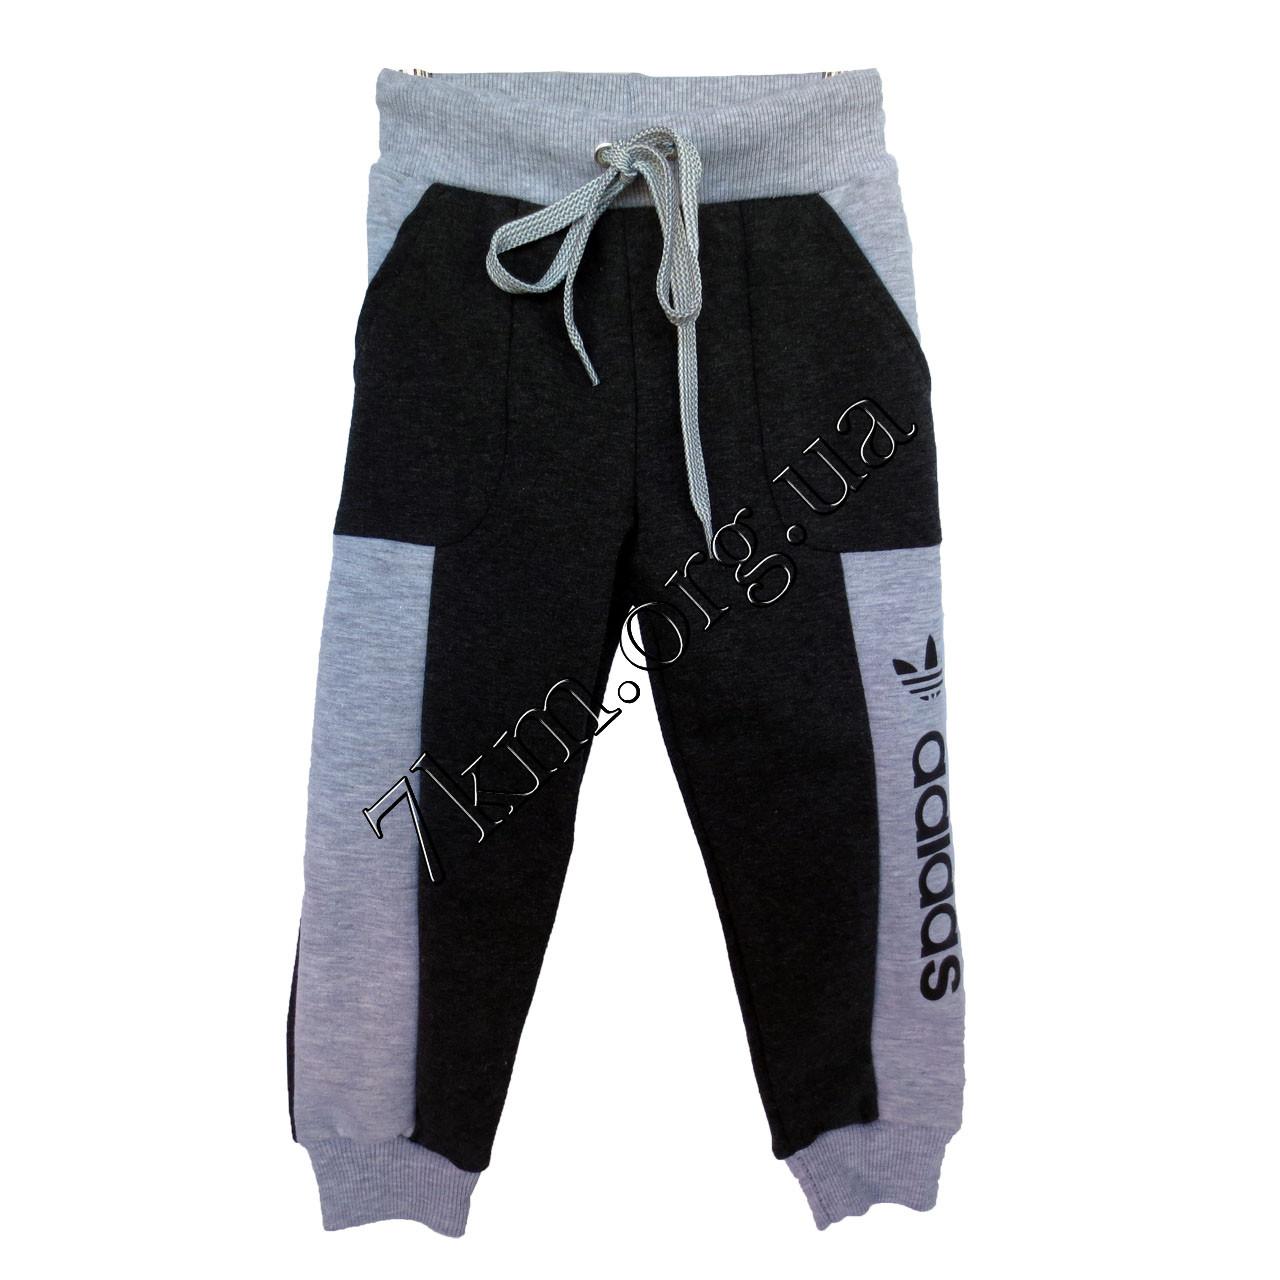 Спортивные штаны детские Реплика Adidas для мальчиков (2-5 лет) трикотажные Т синие